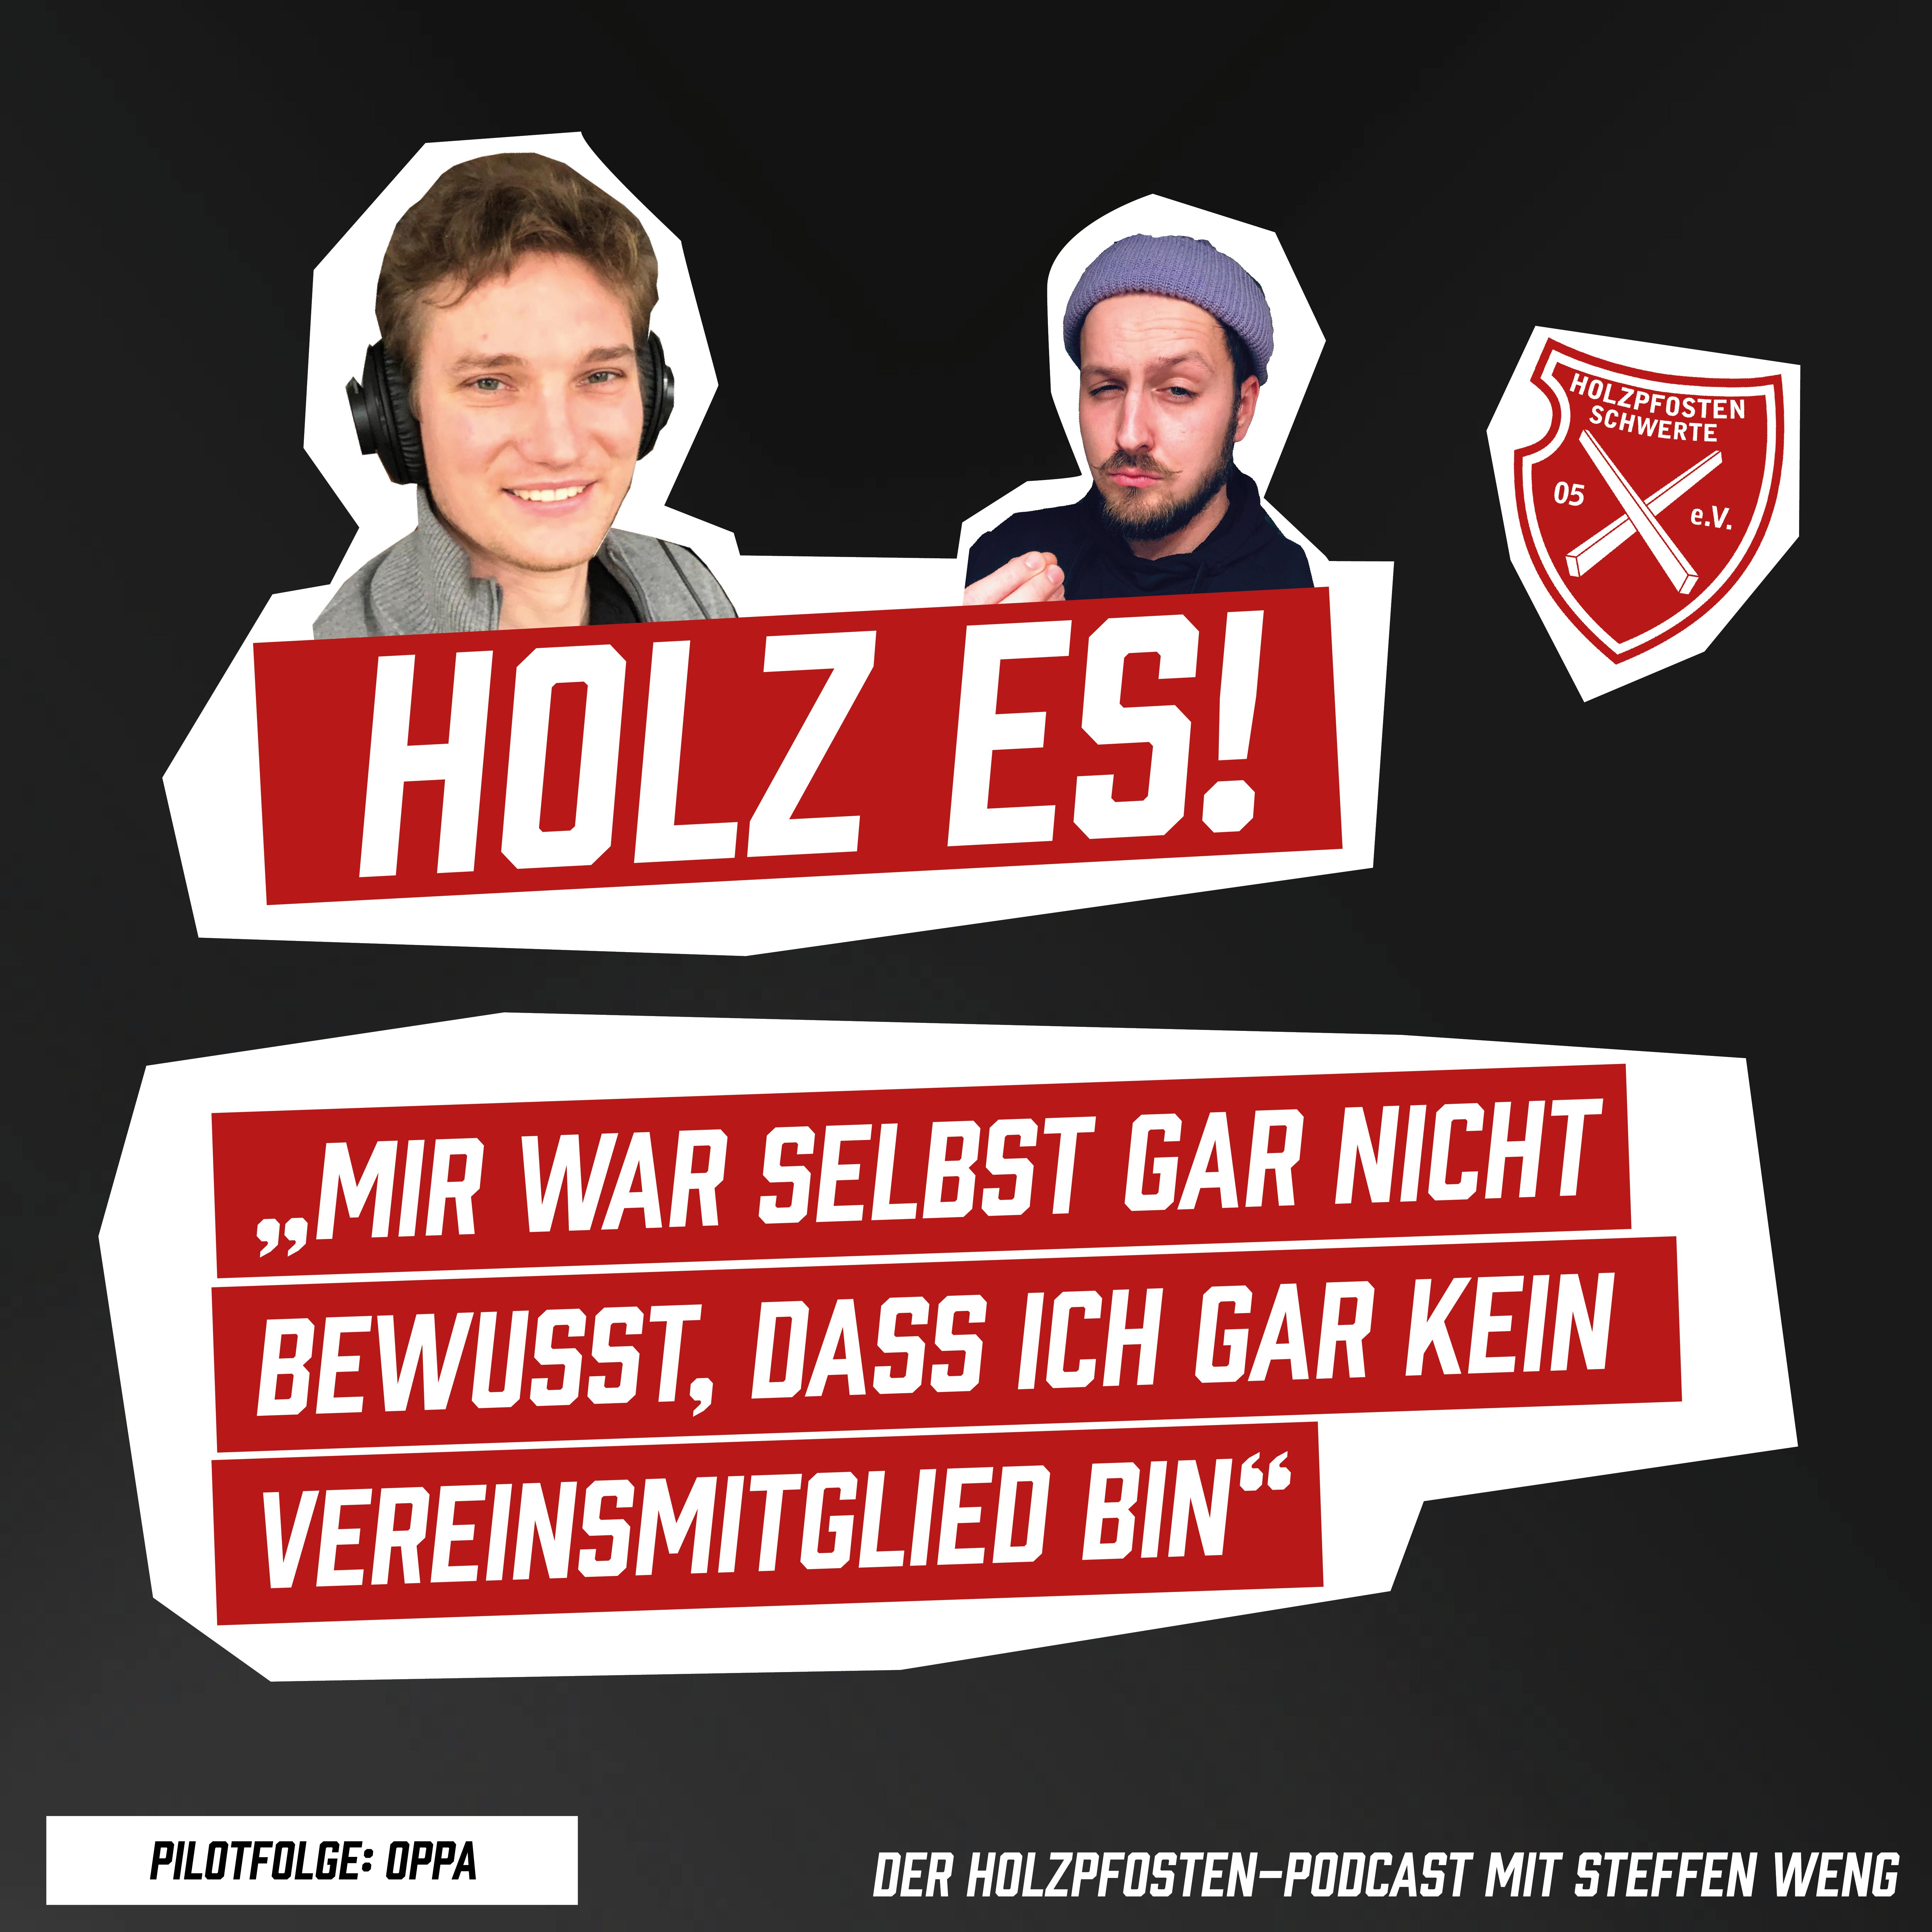 Podcast I Erste Folge HOLZ ES! ist online